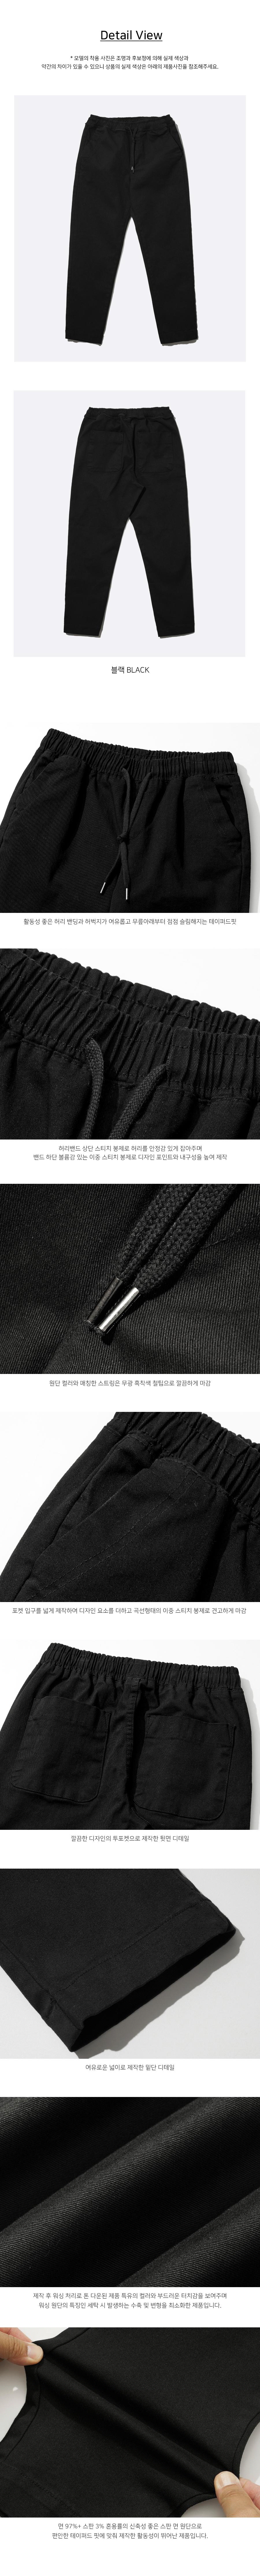 [제멋] 카턴 워싱 코튼 밴딩팬츠 블랙 KJLP2312